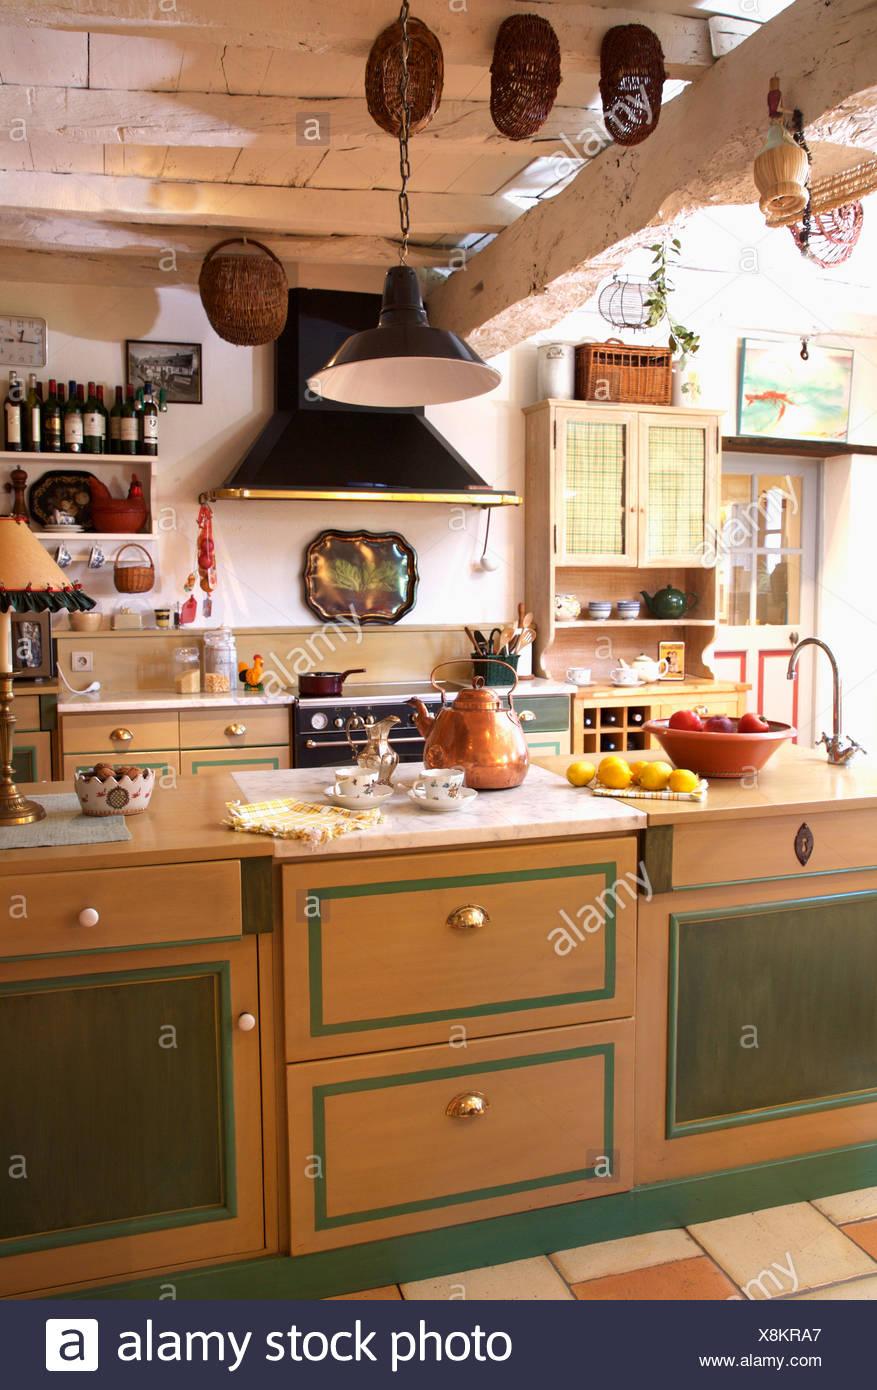 Atractivo La Cocina Al Lado De La Puerta Glendale Modelo - Ideas Del ...